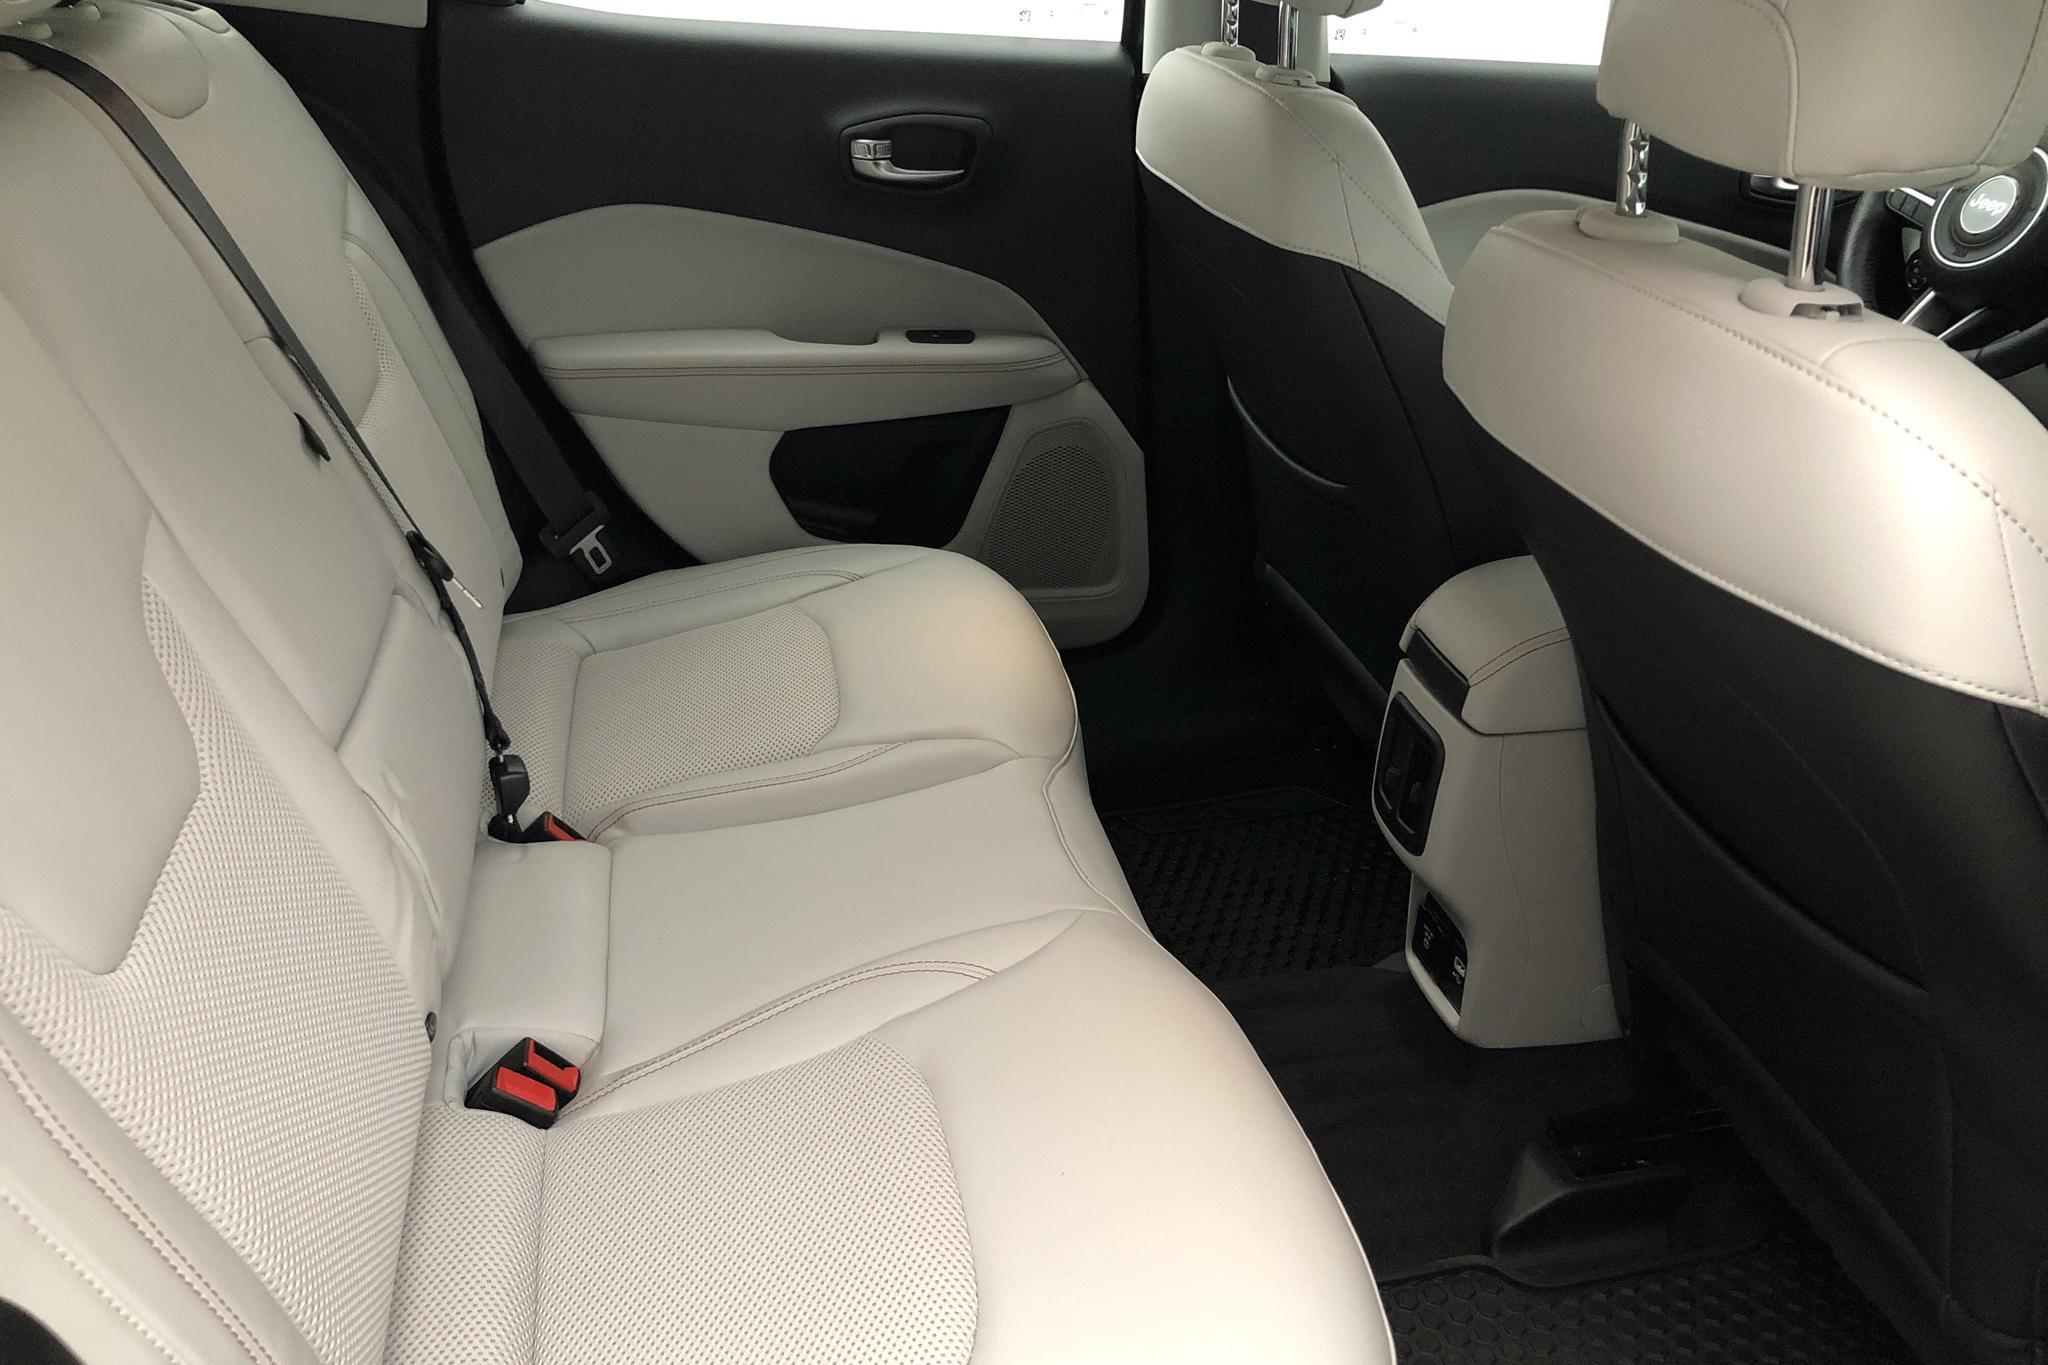 Jeep Compass 2.0 Multijet 4WD (170hk) - 3 716 mil - Automat - grå - 2018